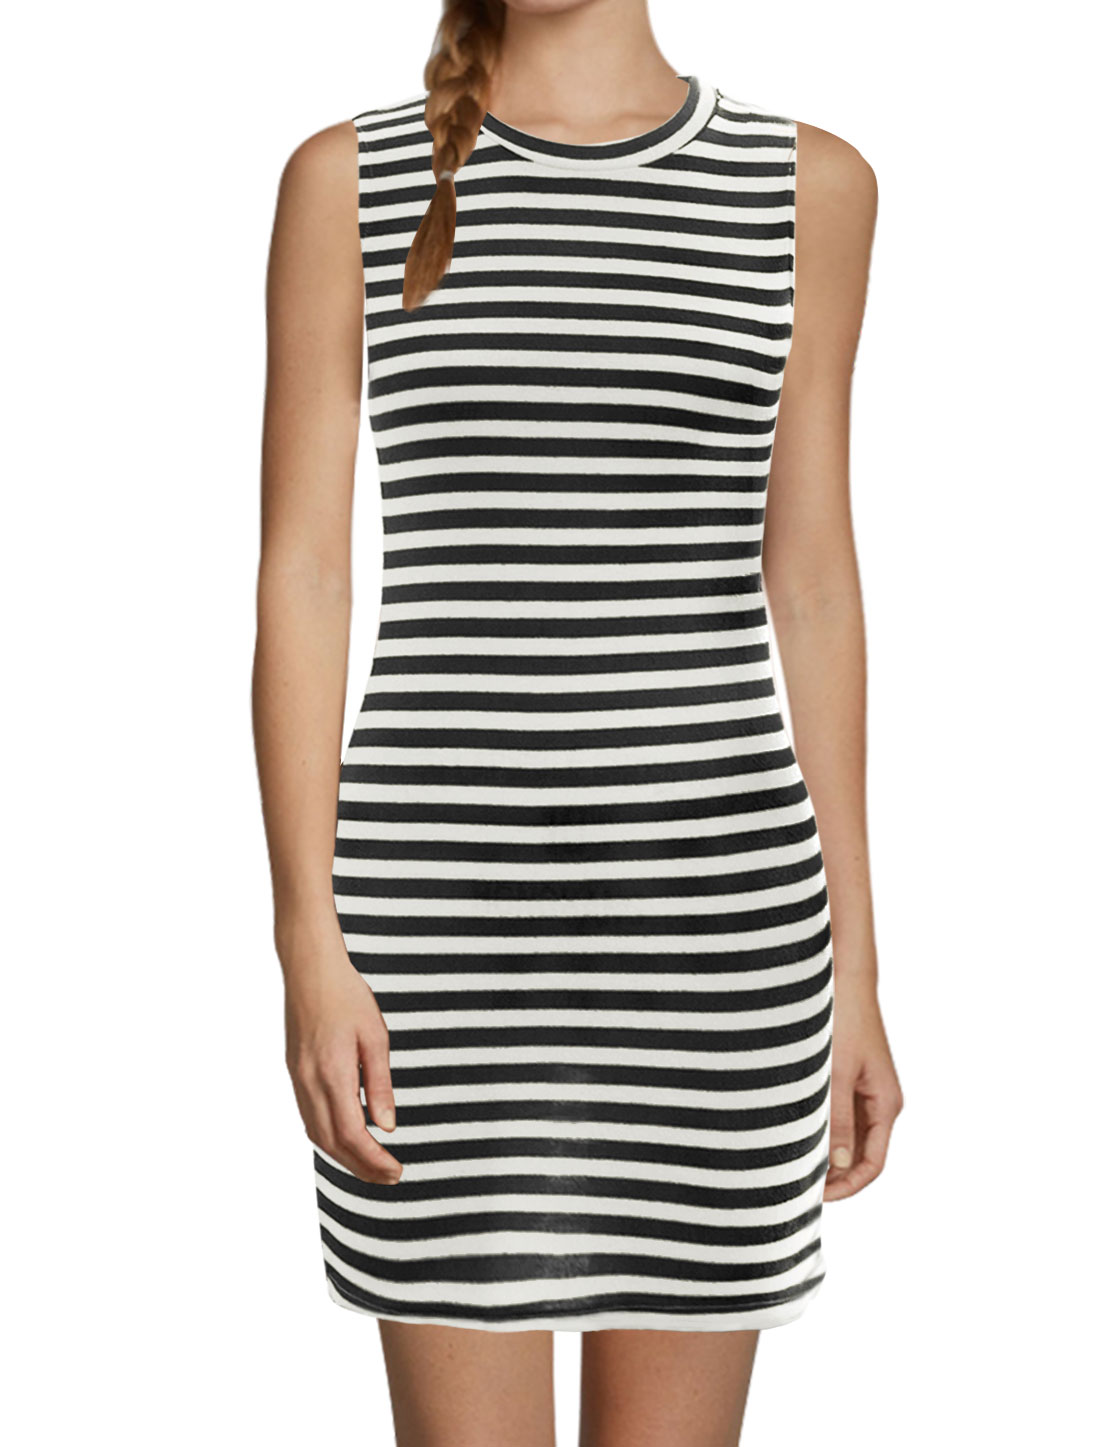 Women Stripes Crew Neck Sleeveless Slipover Bodycon Dress Black White M